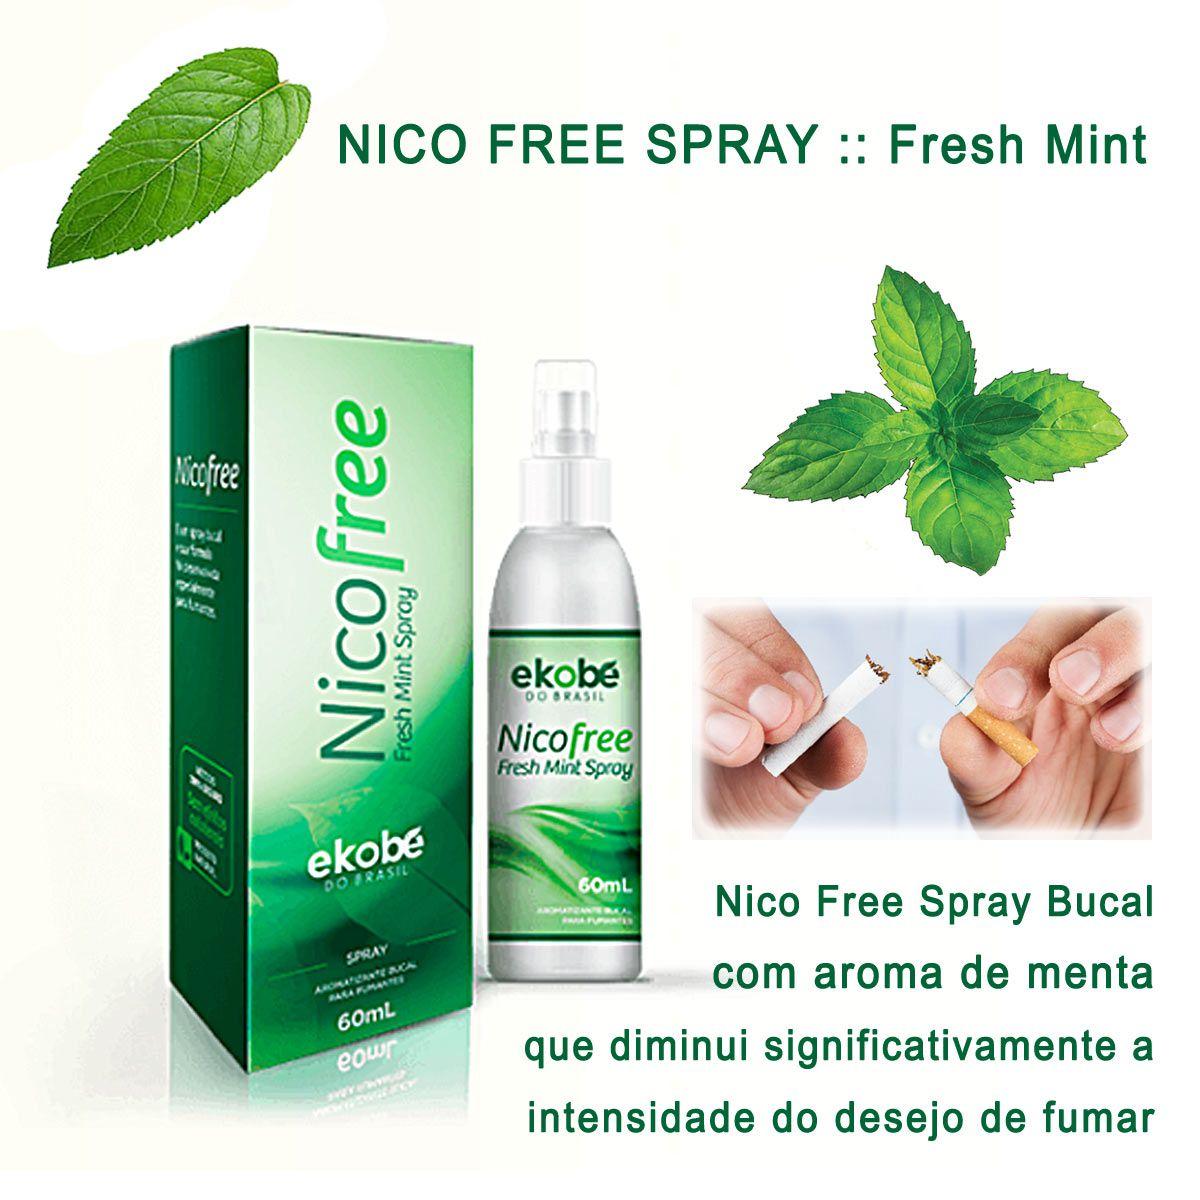 NicoFree Spray Parar de Fumar 3 Frascos  - Testes Para Drogas e Parar de Beber e Fumar